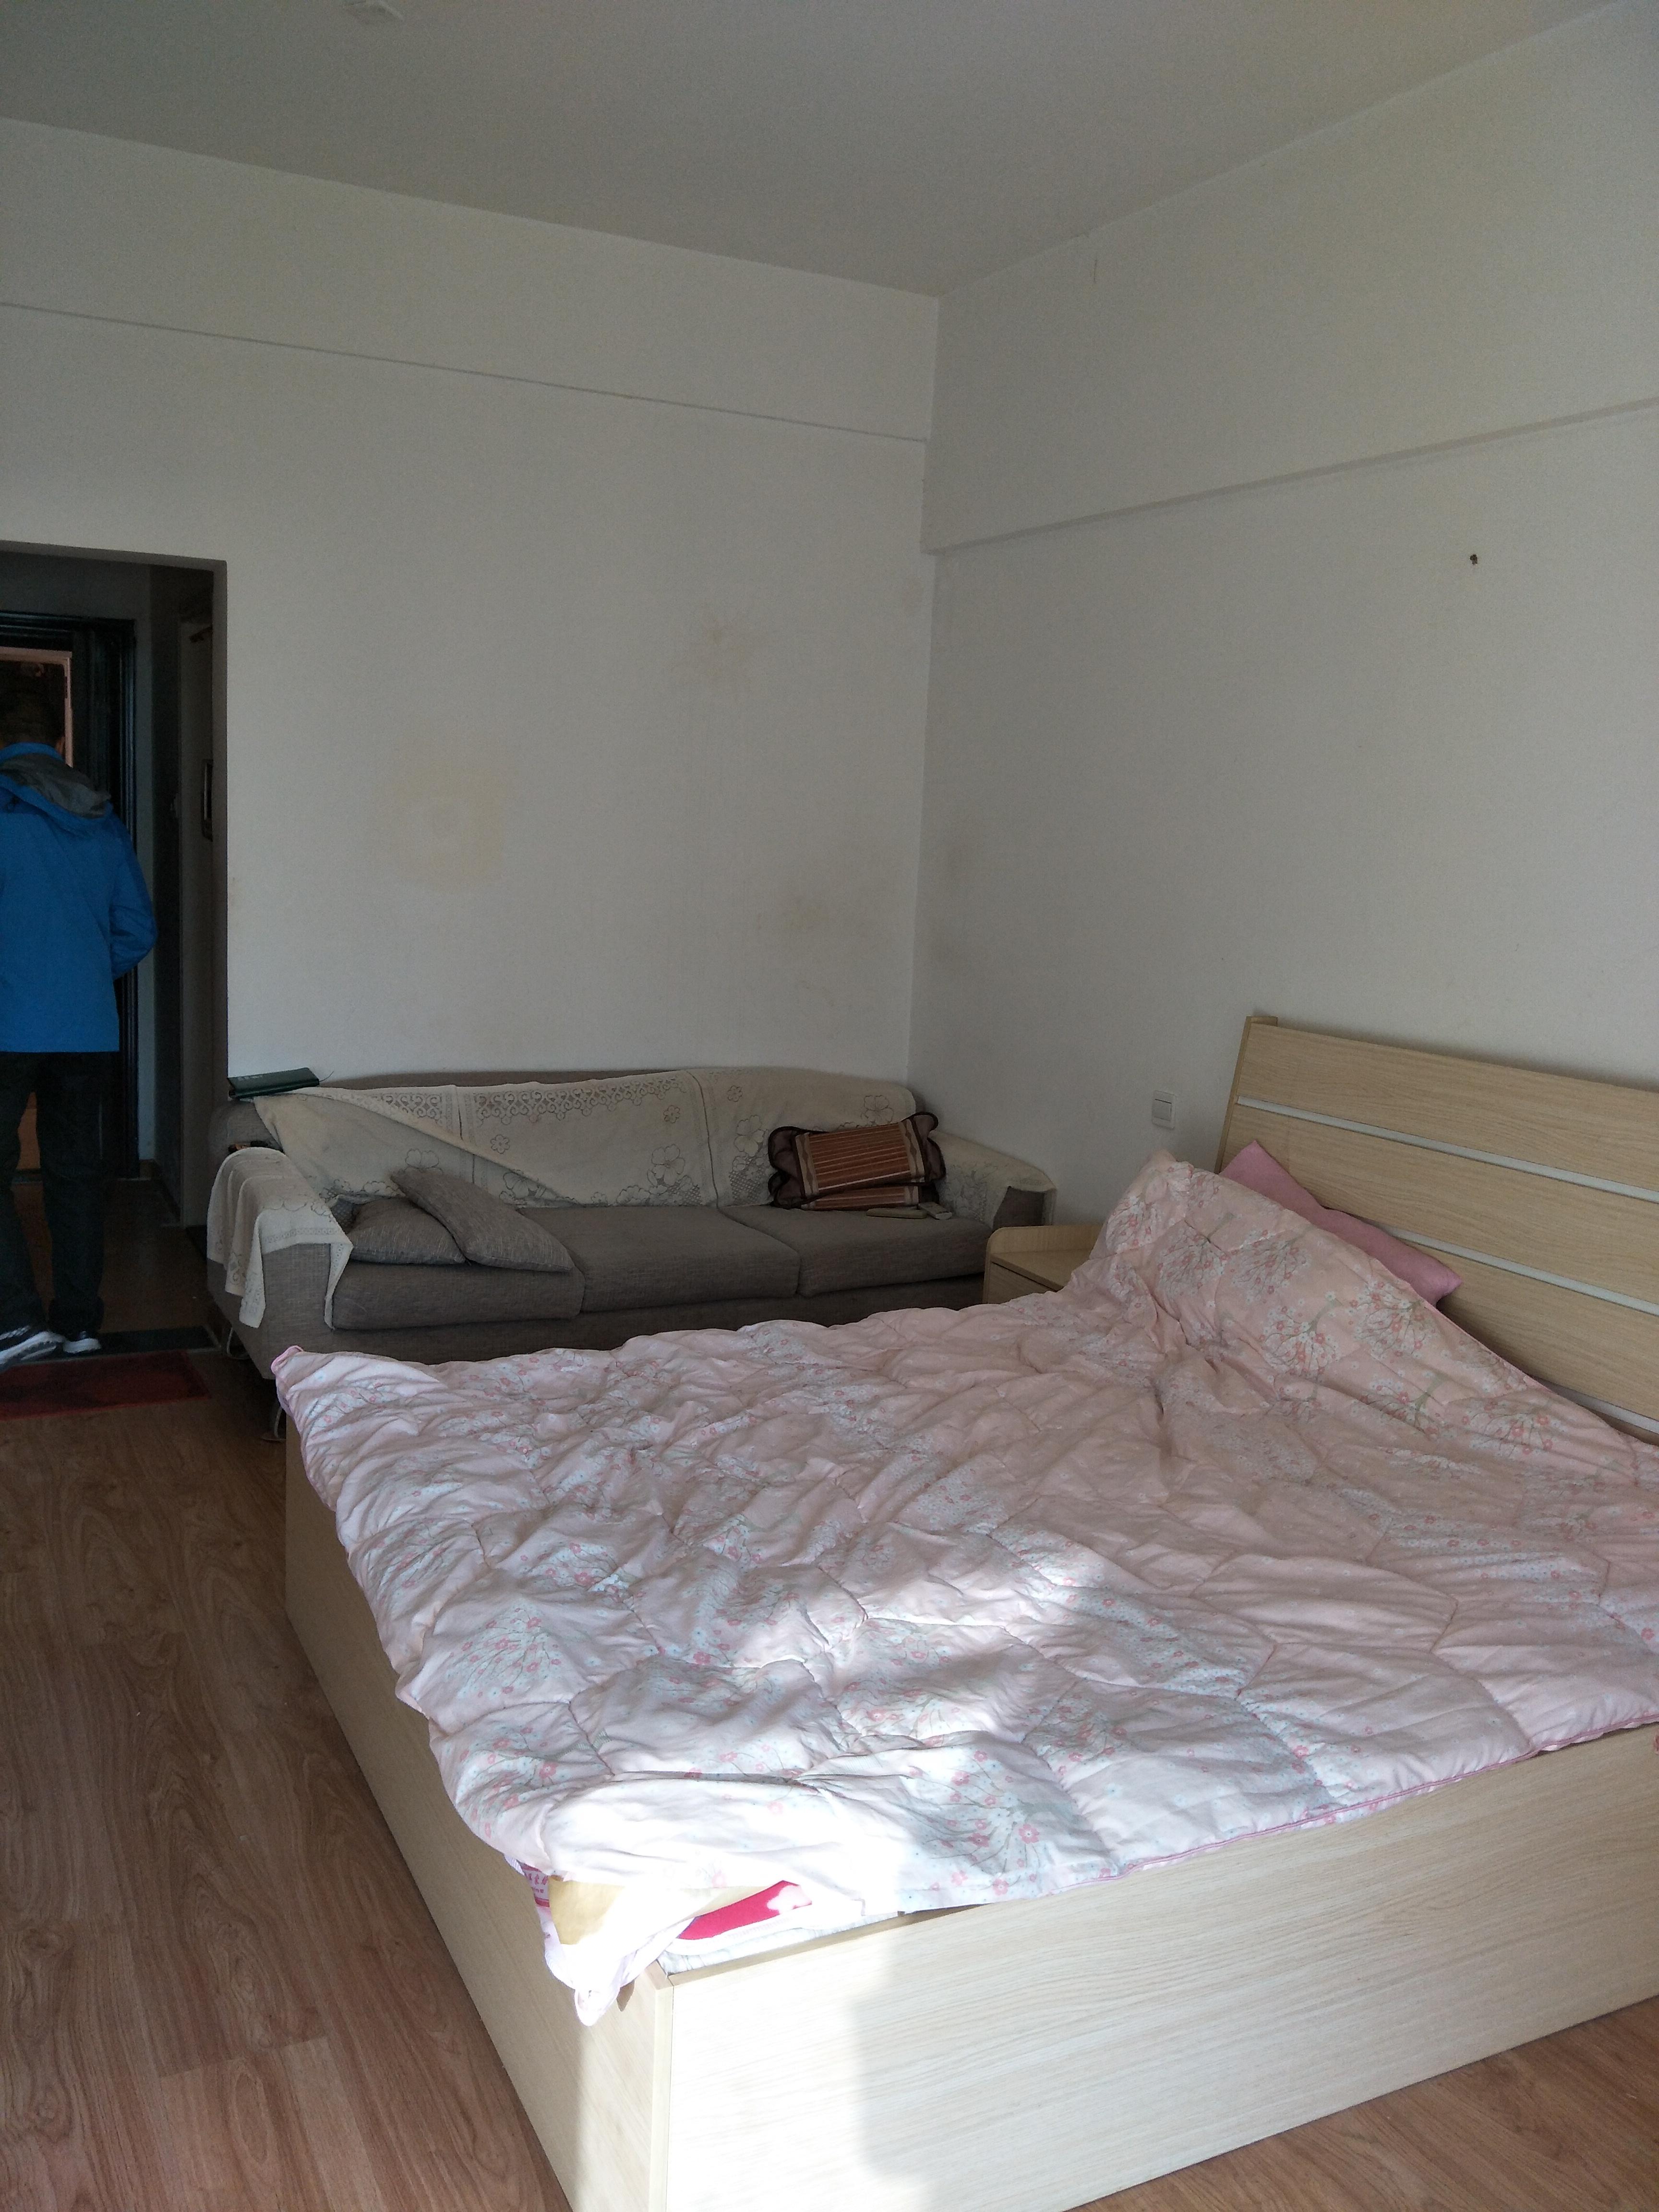 金地国际城A区42平米小公寓出租_1